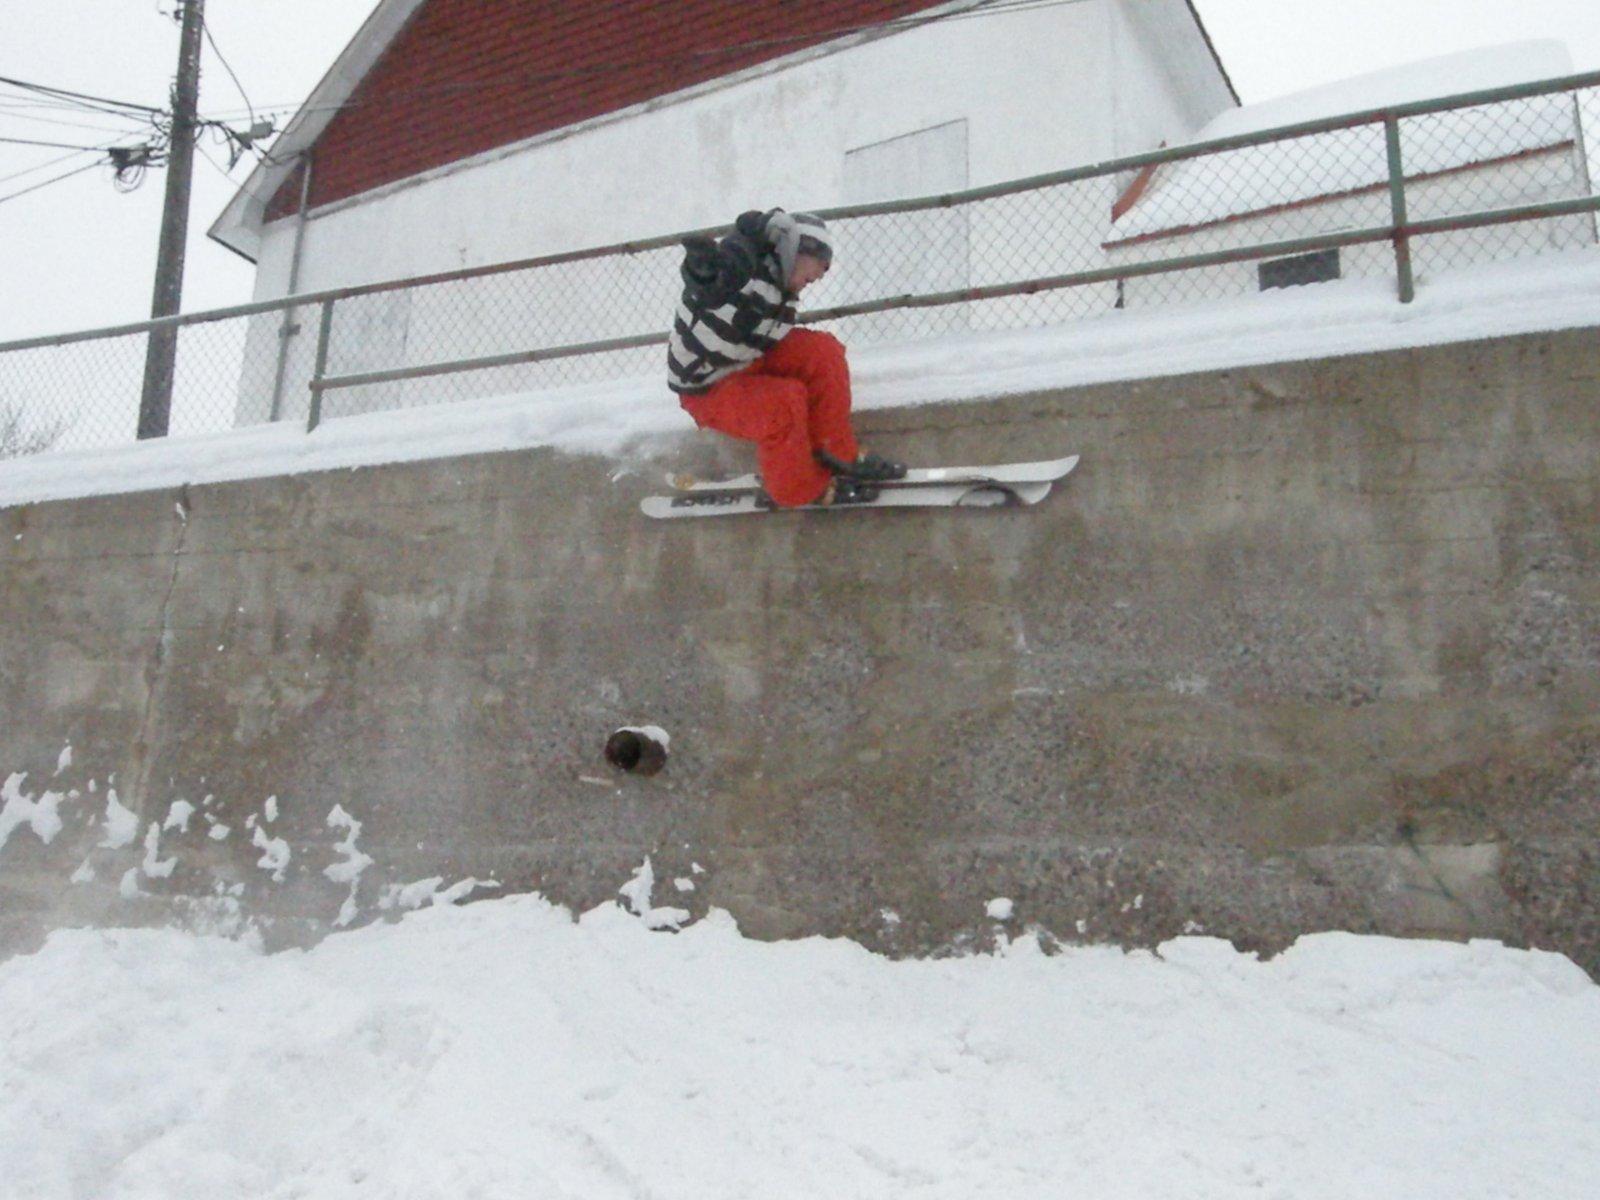 Wall ride at the church